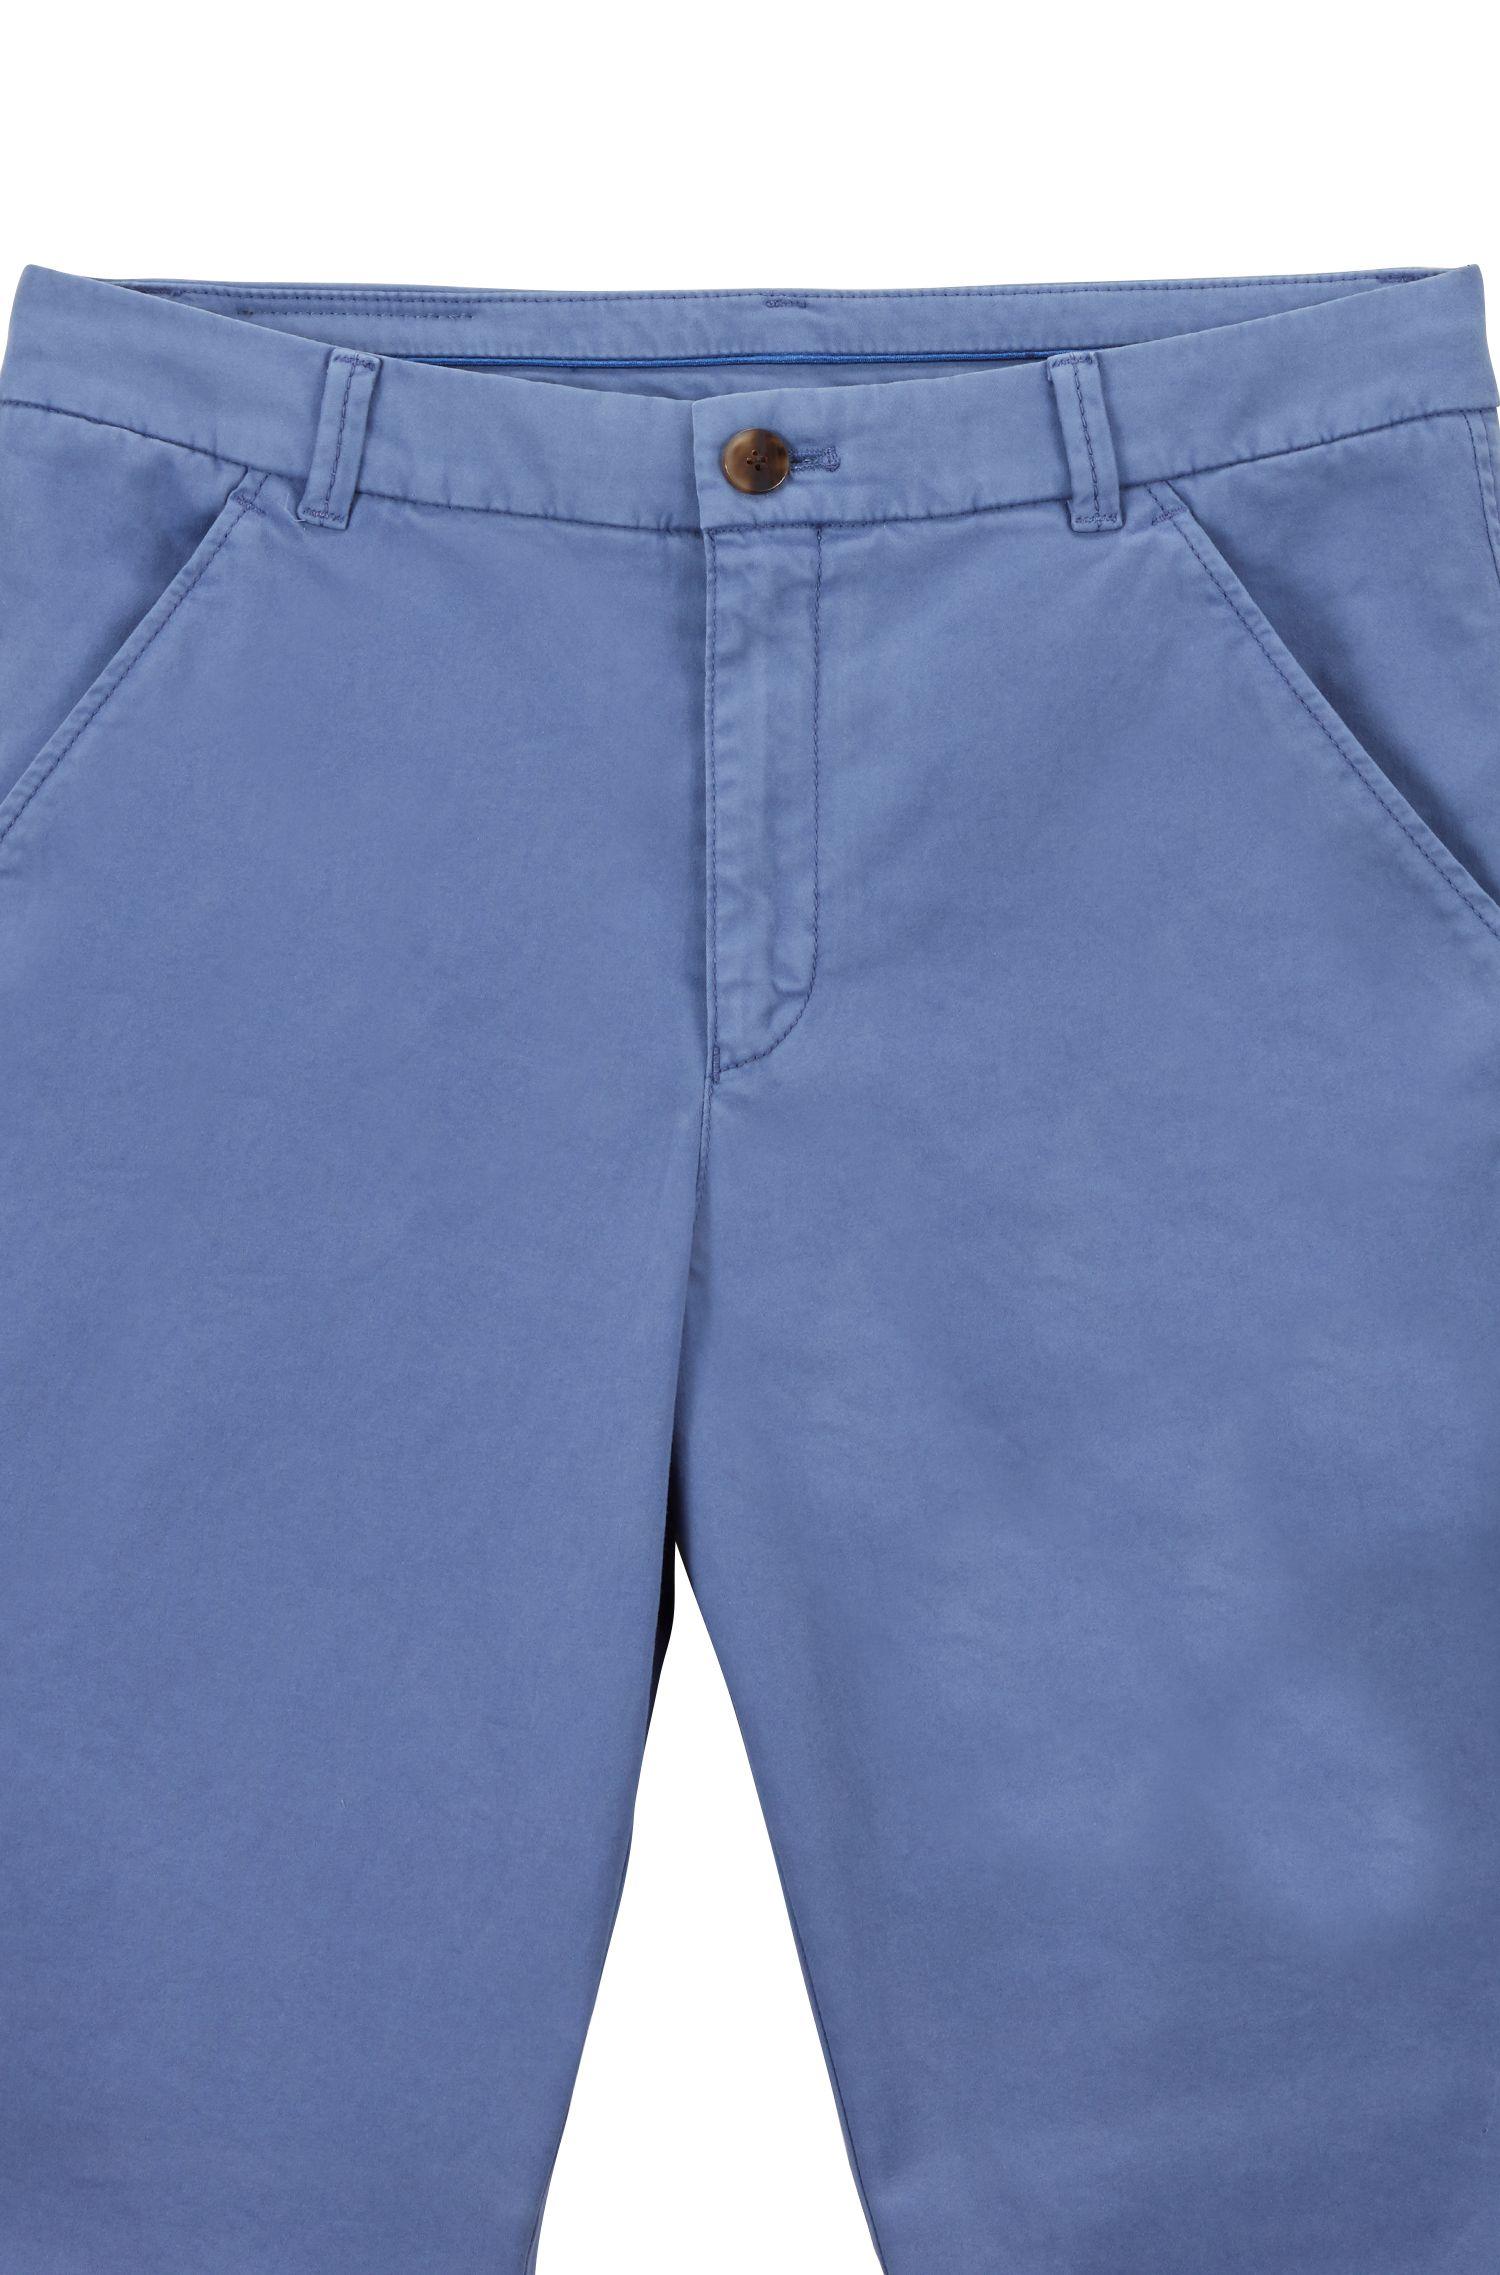 Chino Regular Fit court en coton stretch satiné, Bleu